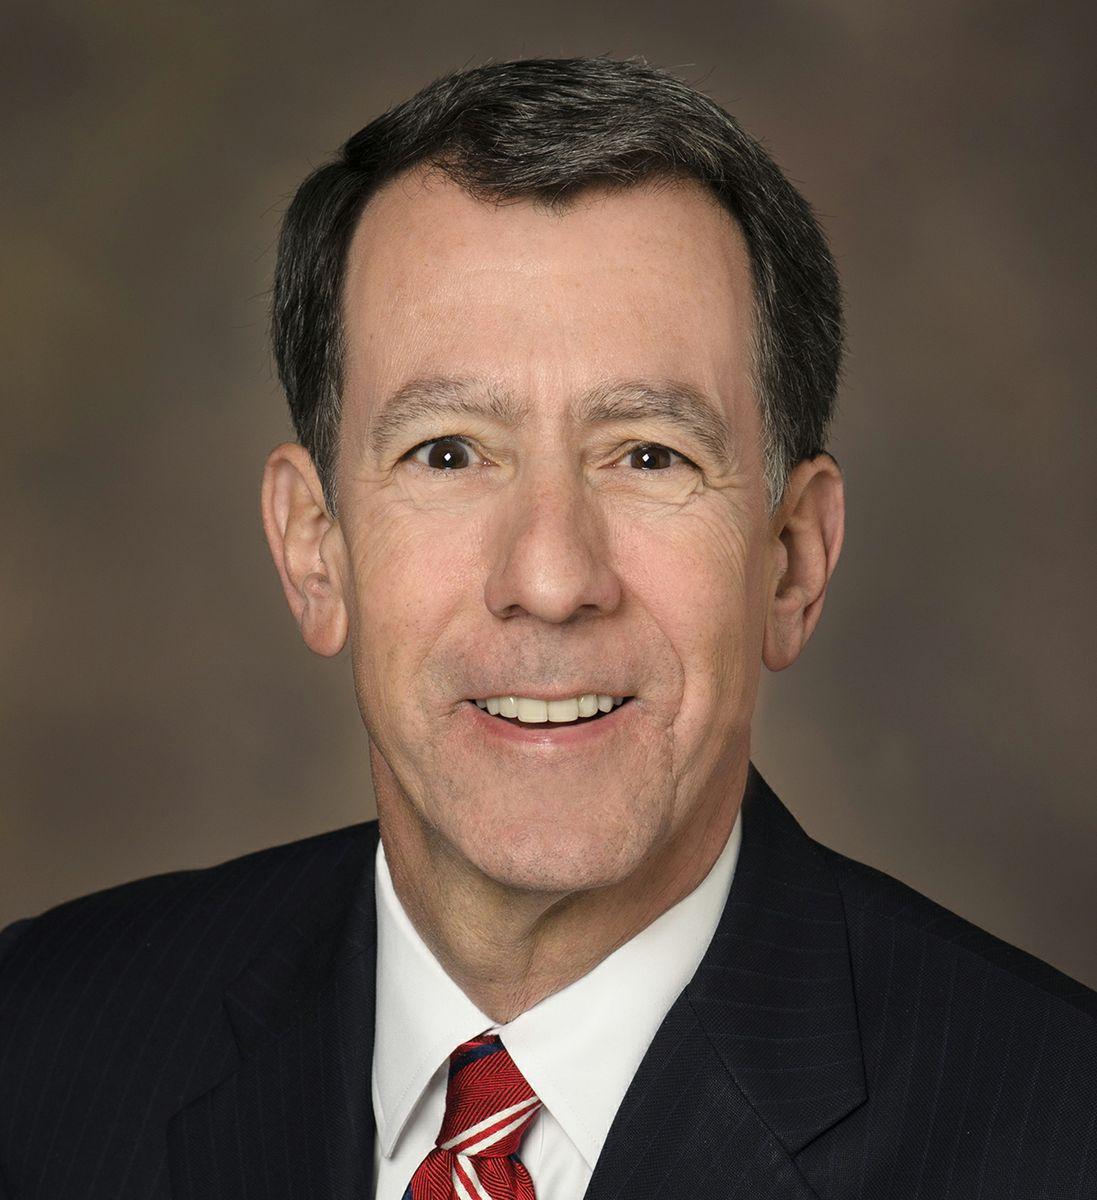 Gregg Goldman